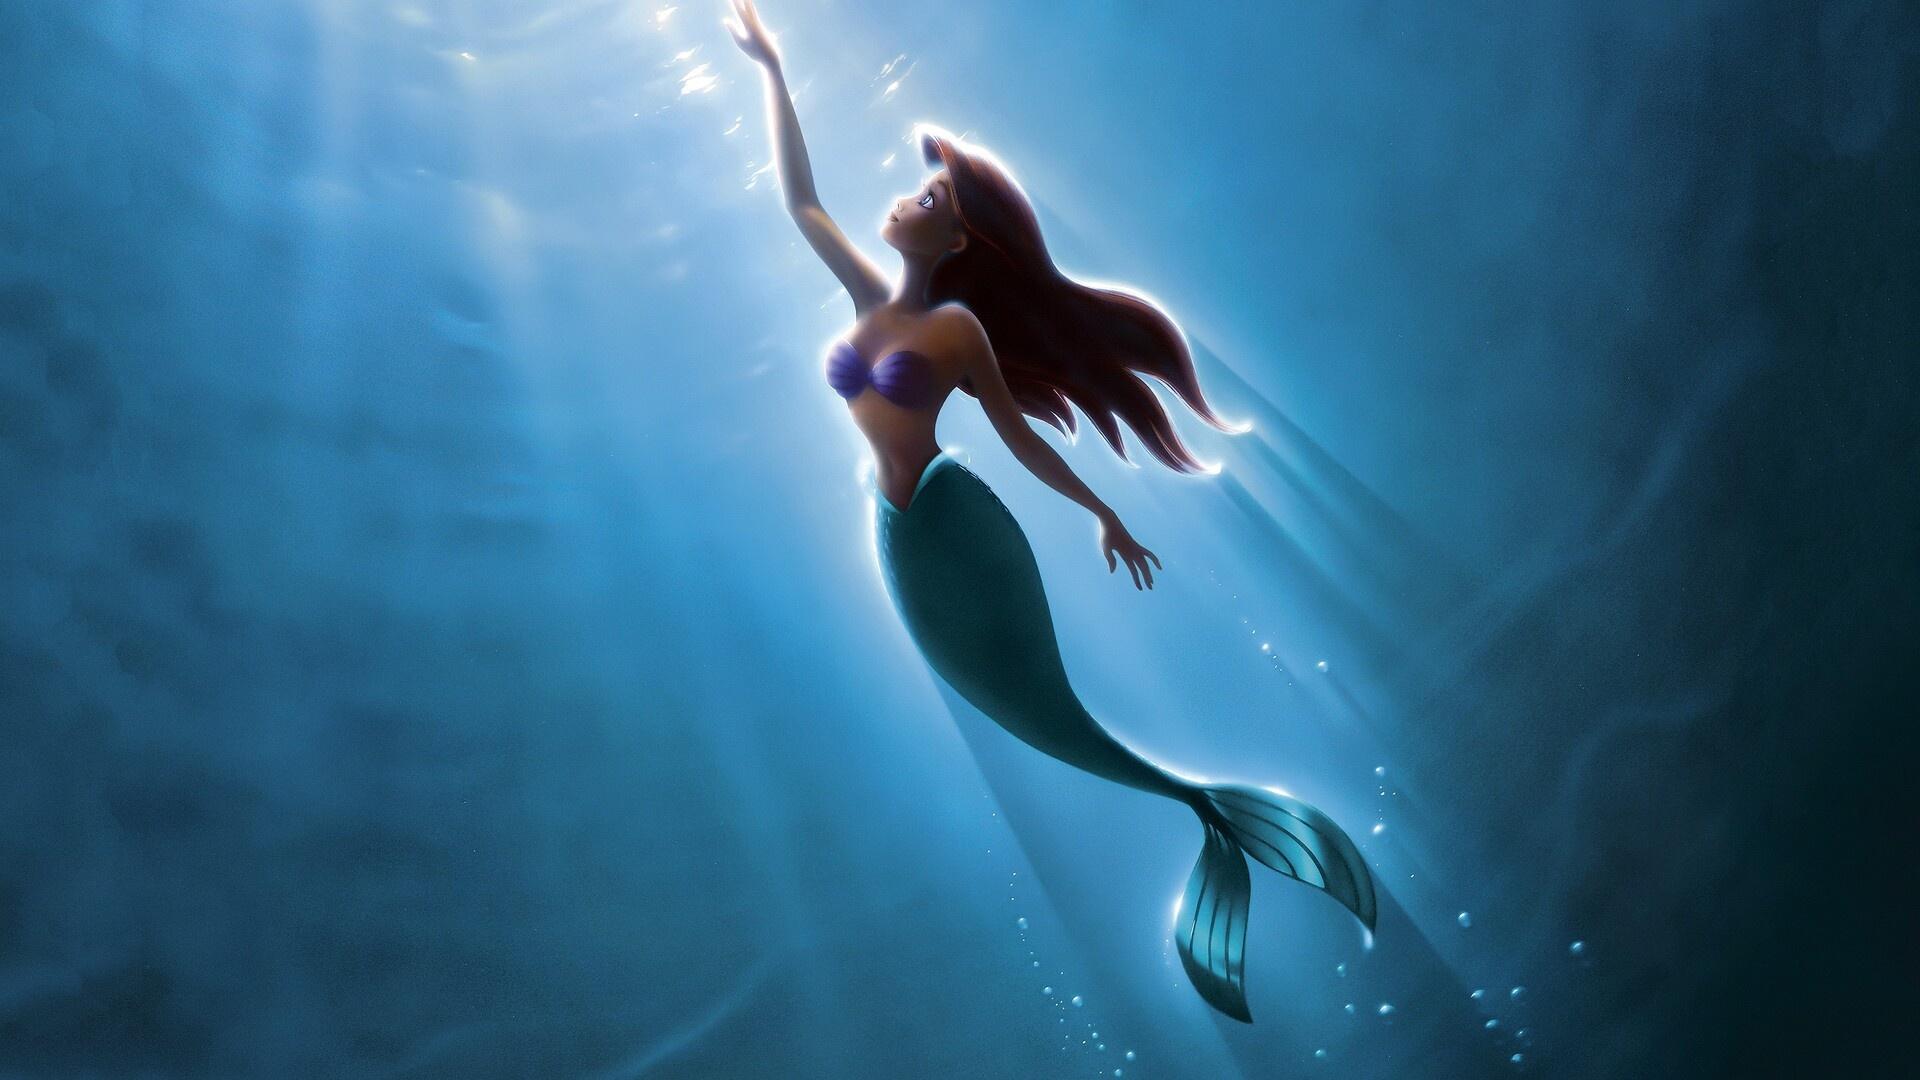 Disney best background